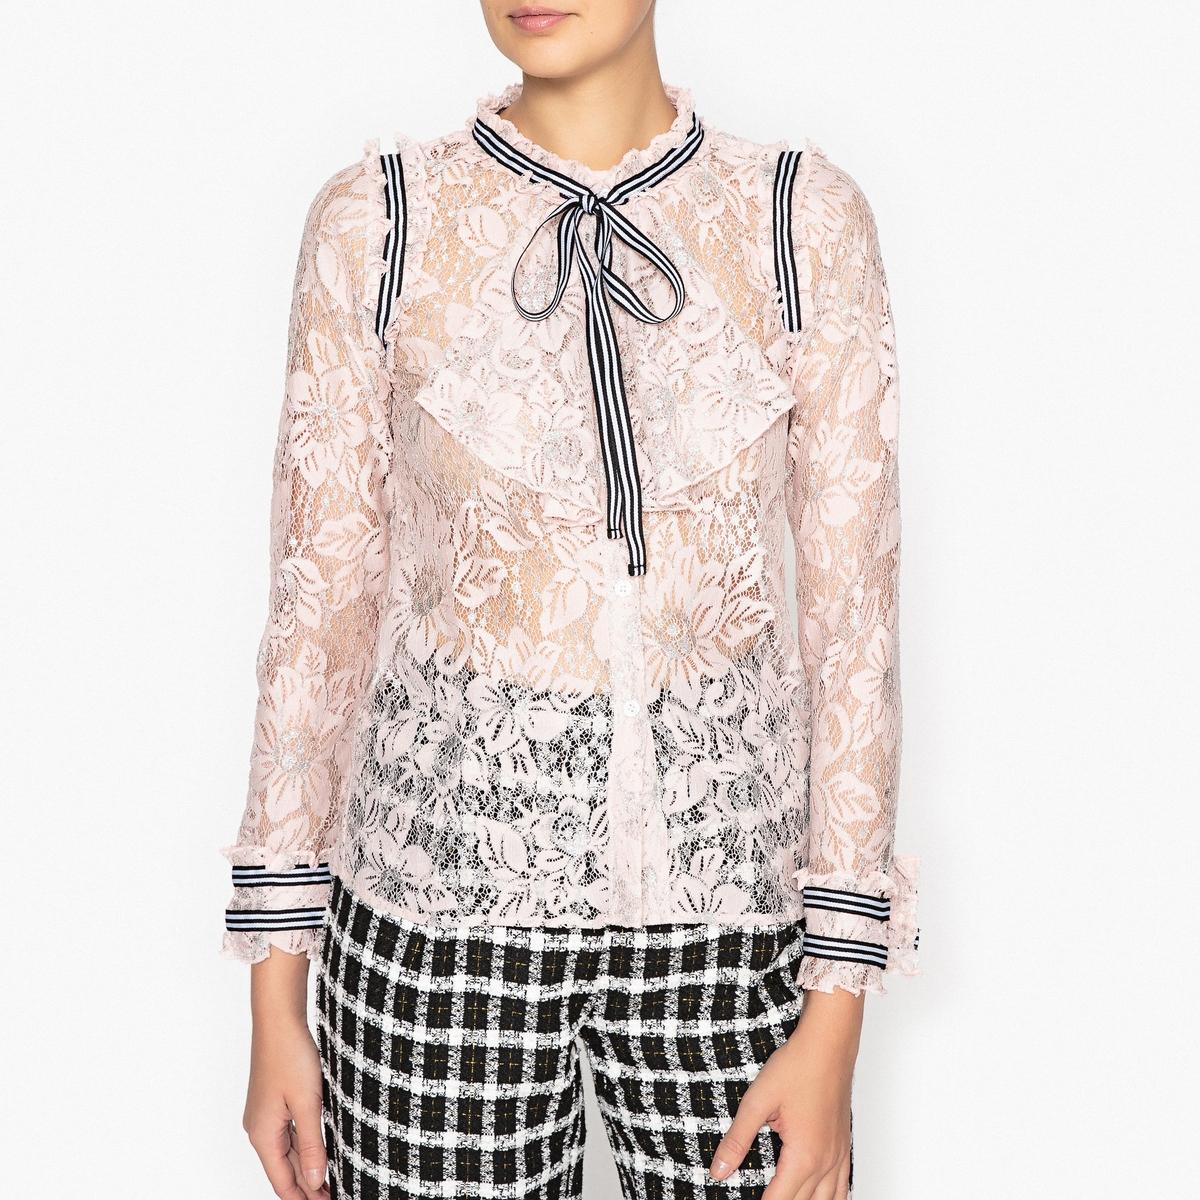 Рубашка кружевная с галстуком-бантомРубашка SISTER JANE из кружева с воротником в виде галстука-банта и блестящими деталями.Детали   •  Длинные рукава  •  Покрой бойфренд, свободный •  Галстук-бантСостав и уход  •  6% металлизированных волокон, 94% полиамида •  Следуйте советам по уходу, указанным на этикетке   •  Бант с крупным узелком, с воланами на вырезе, на манжетах и на прорезях<br><br>Цвет: телесный